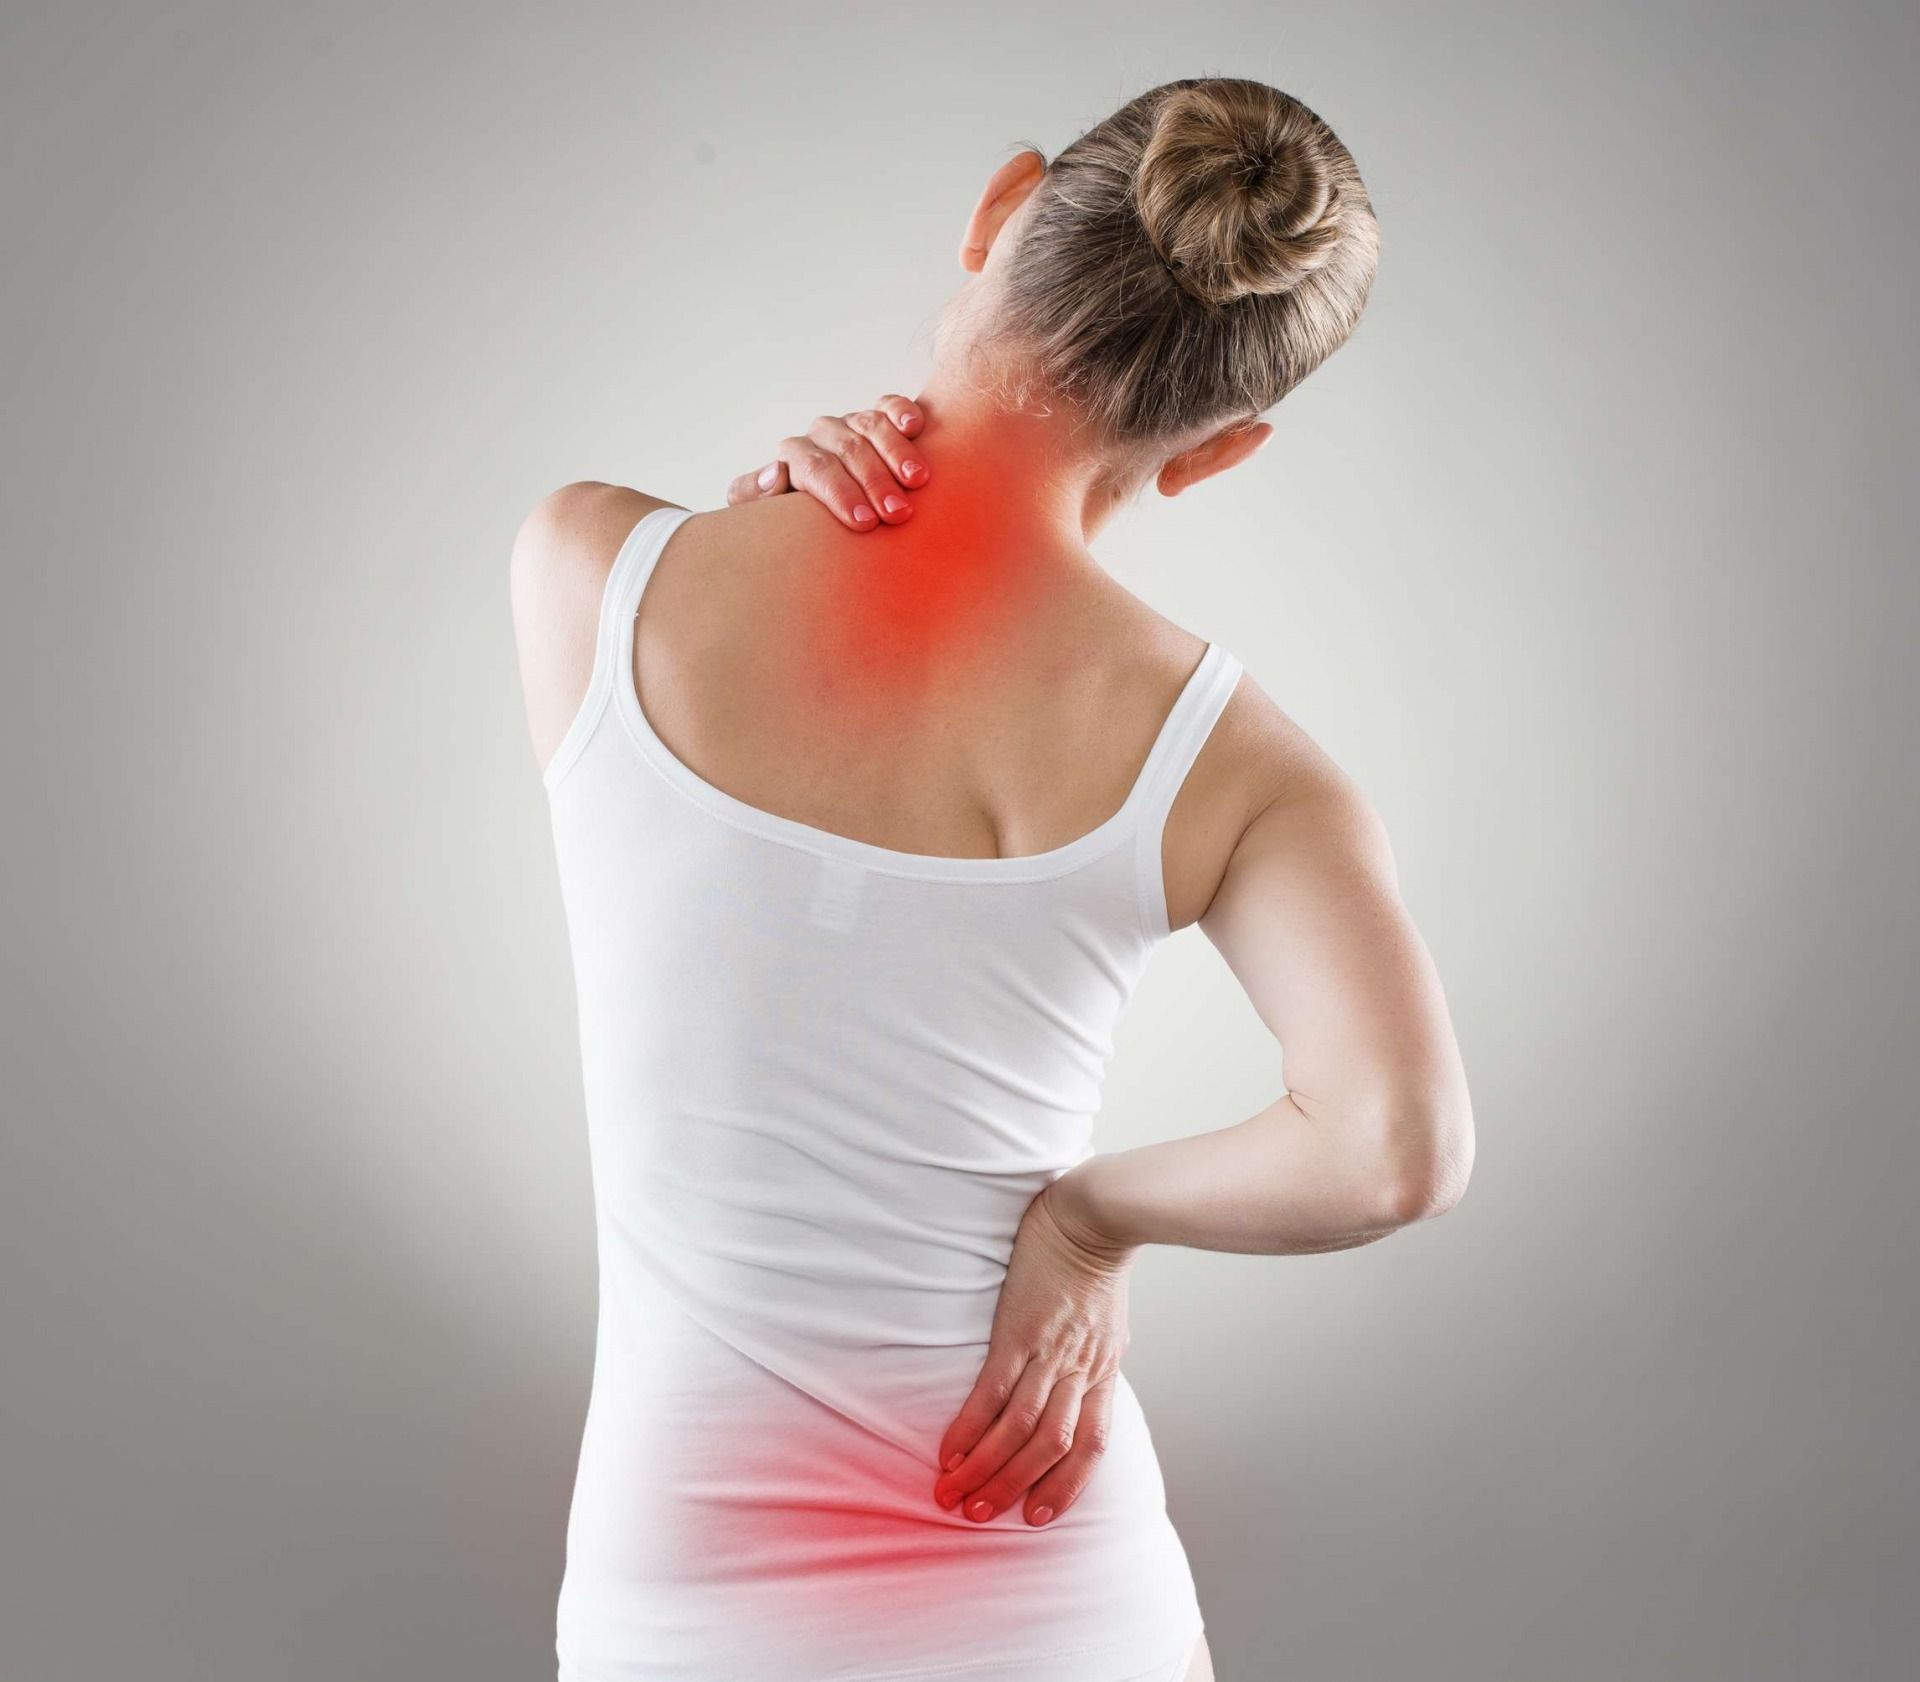 Боли в спине у женщин: причины, профилактика и упражнения